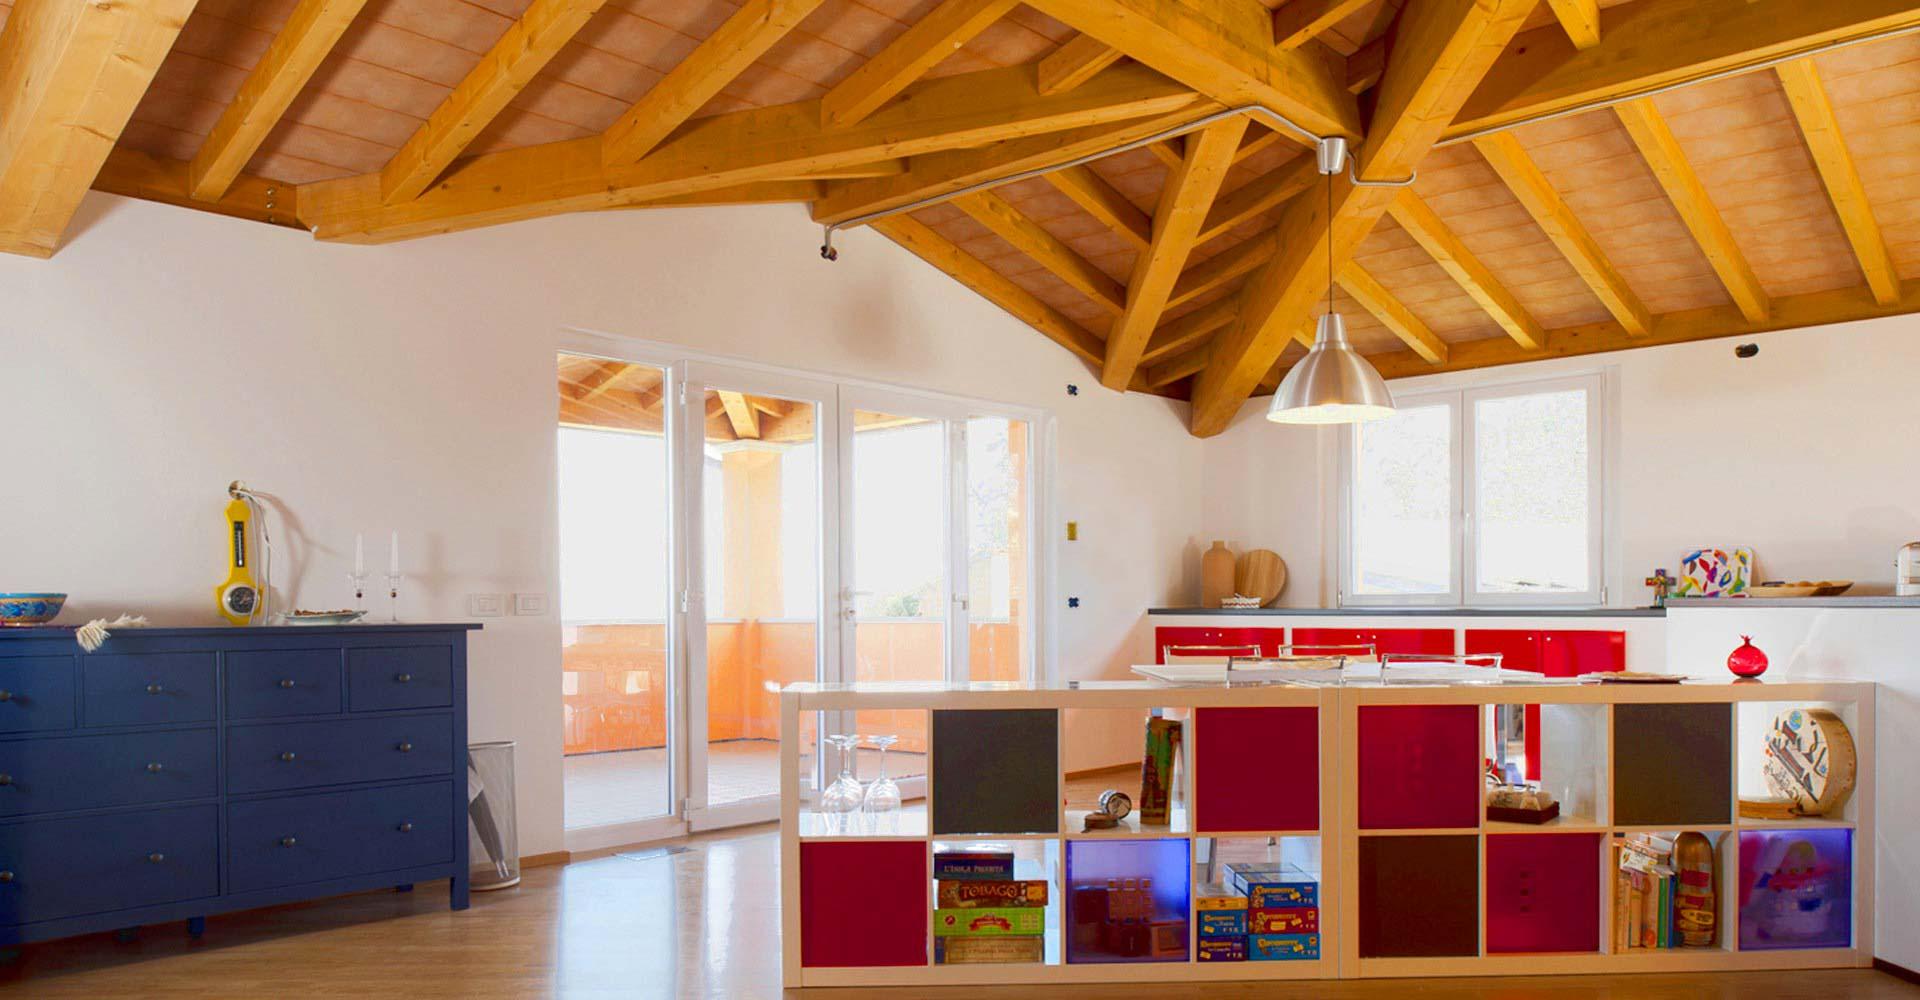 Terracotta <br/> Ceiling Tiles